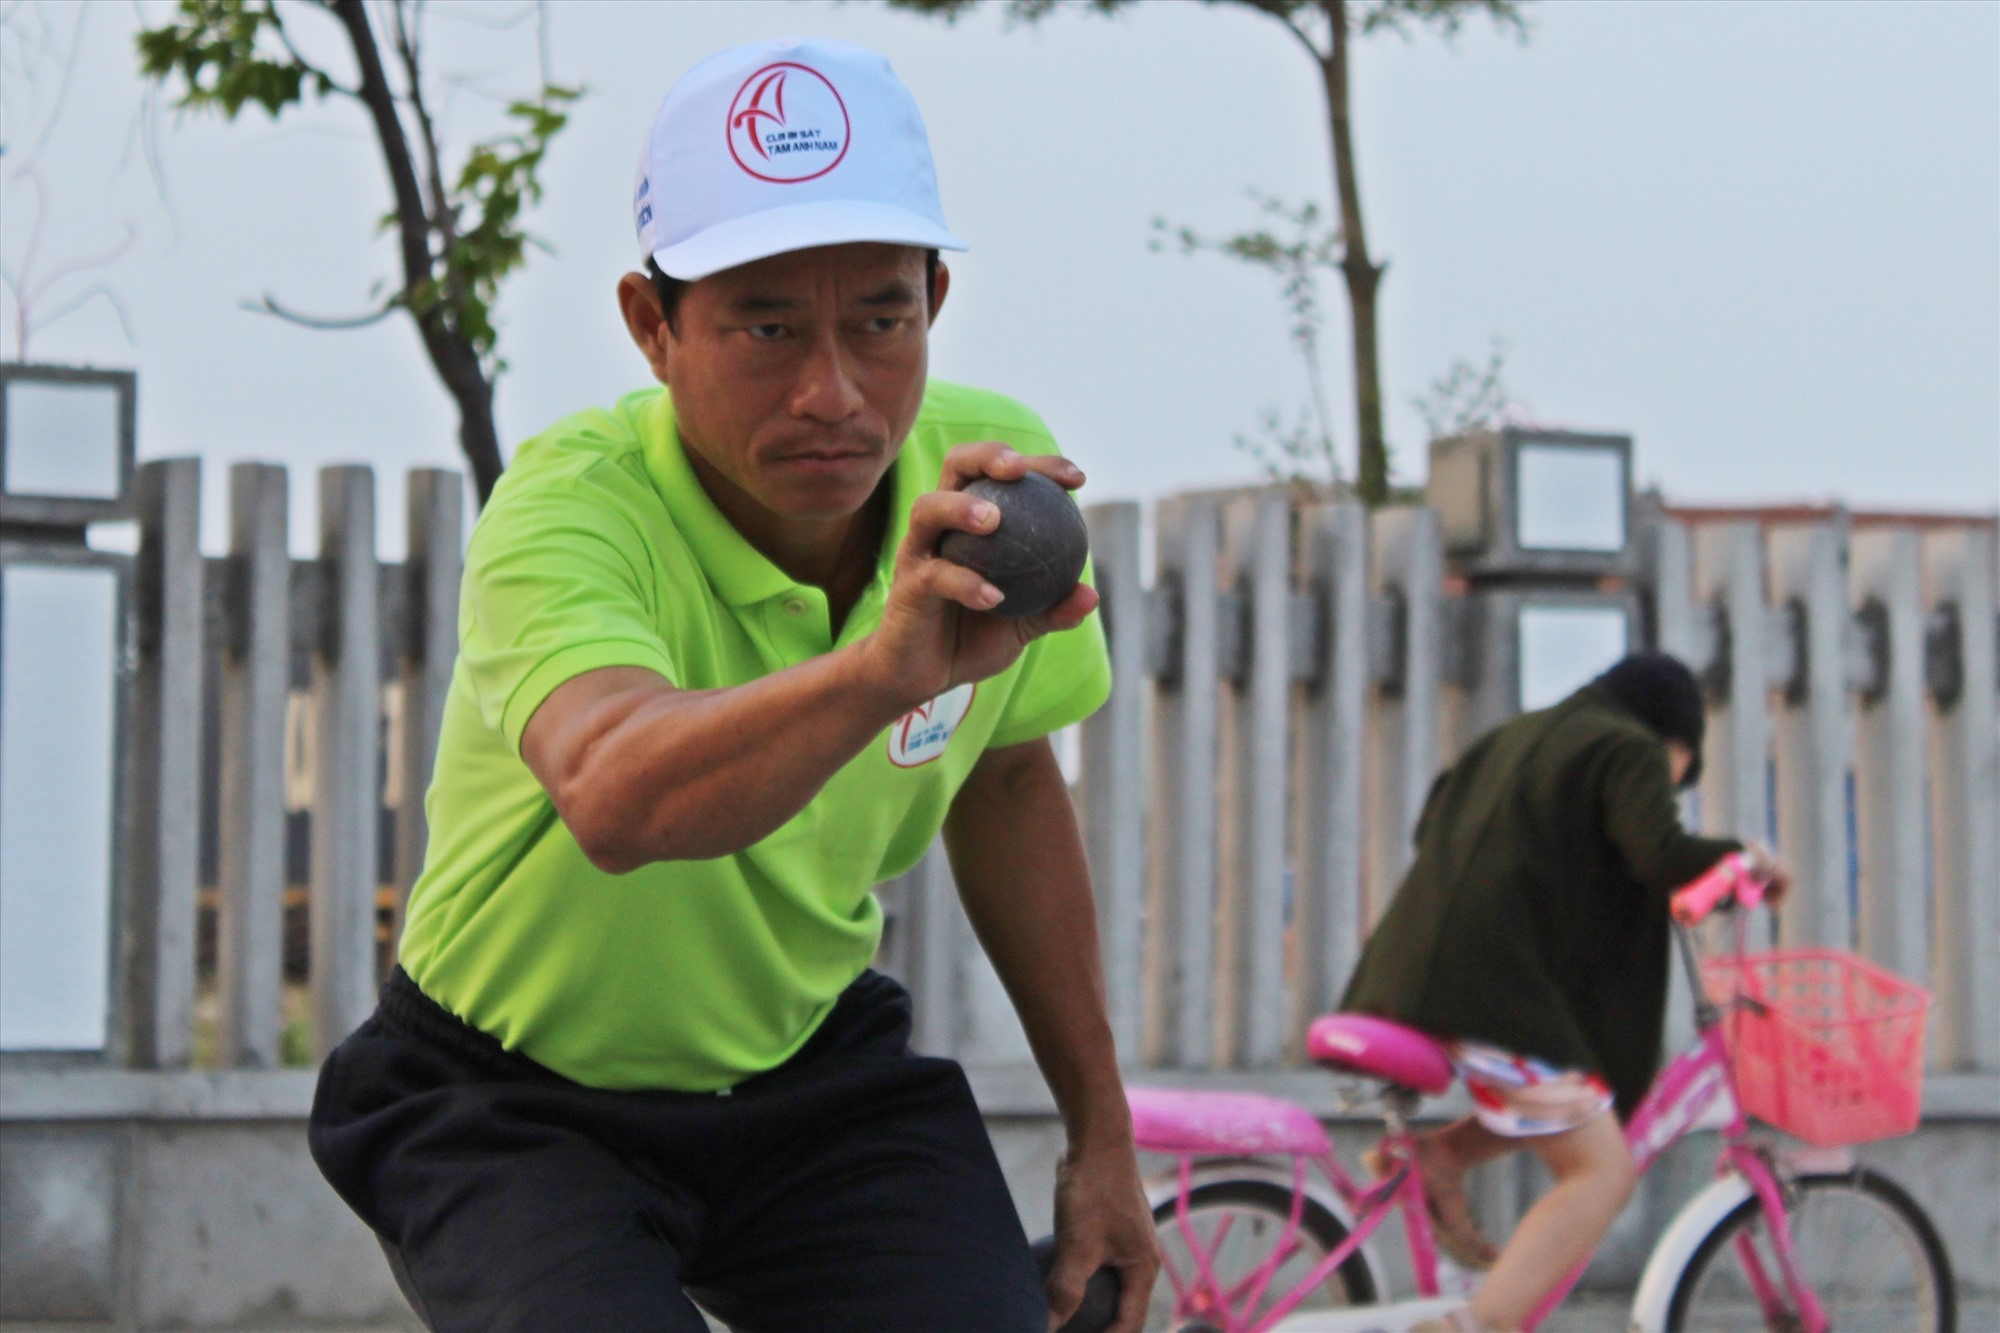 Theo các vận động viên, bộ môn này gần như không có chấn thương và hiệu quả về rèn luyện sức khỏe là khá cao khi chỉ cần chơi 3 hiệp bi sắt là tương đương với đi bộ 15km.